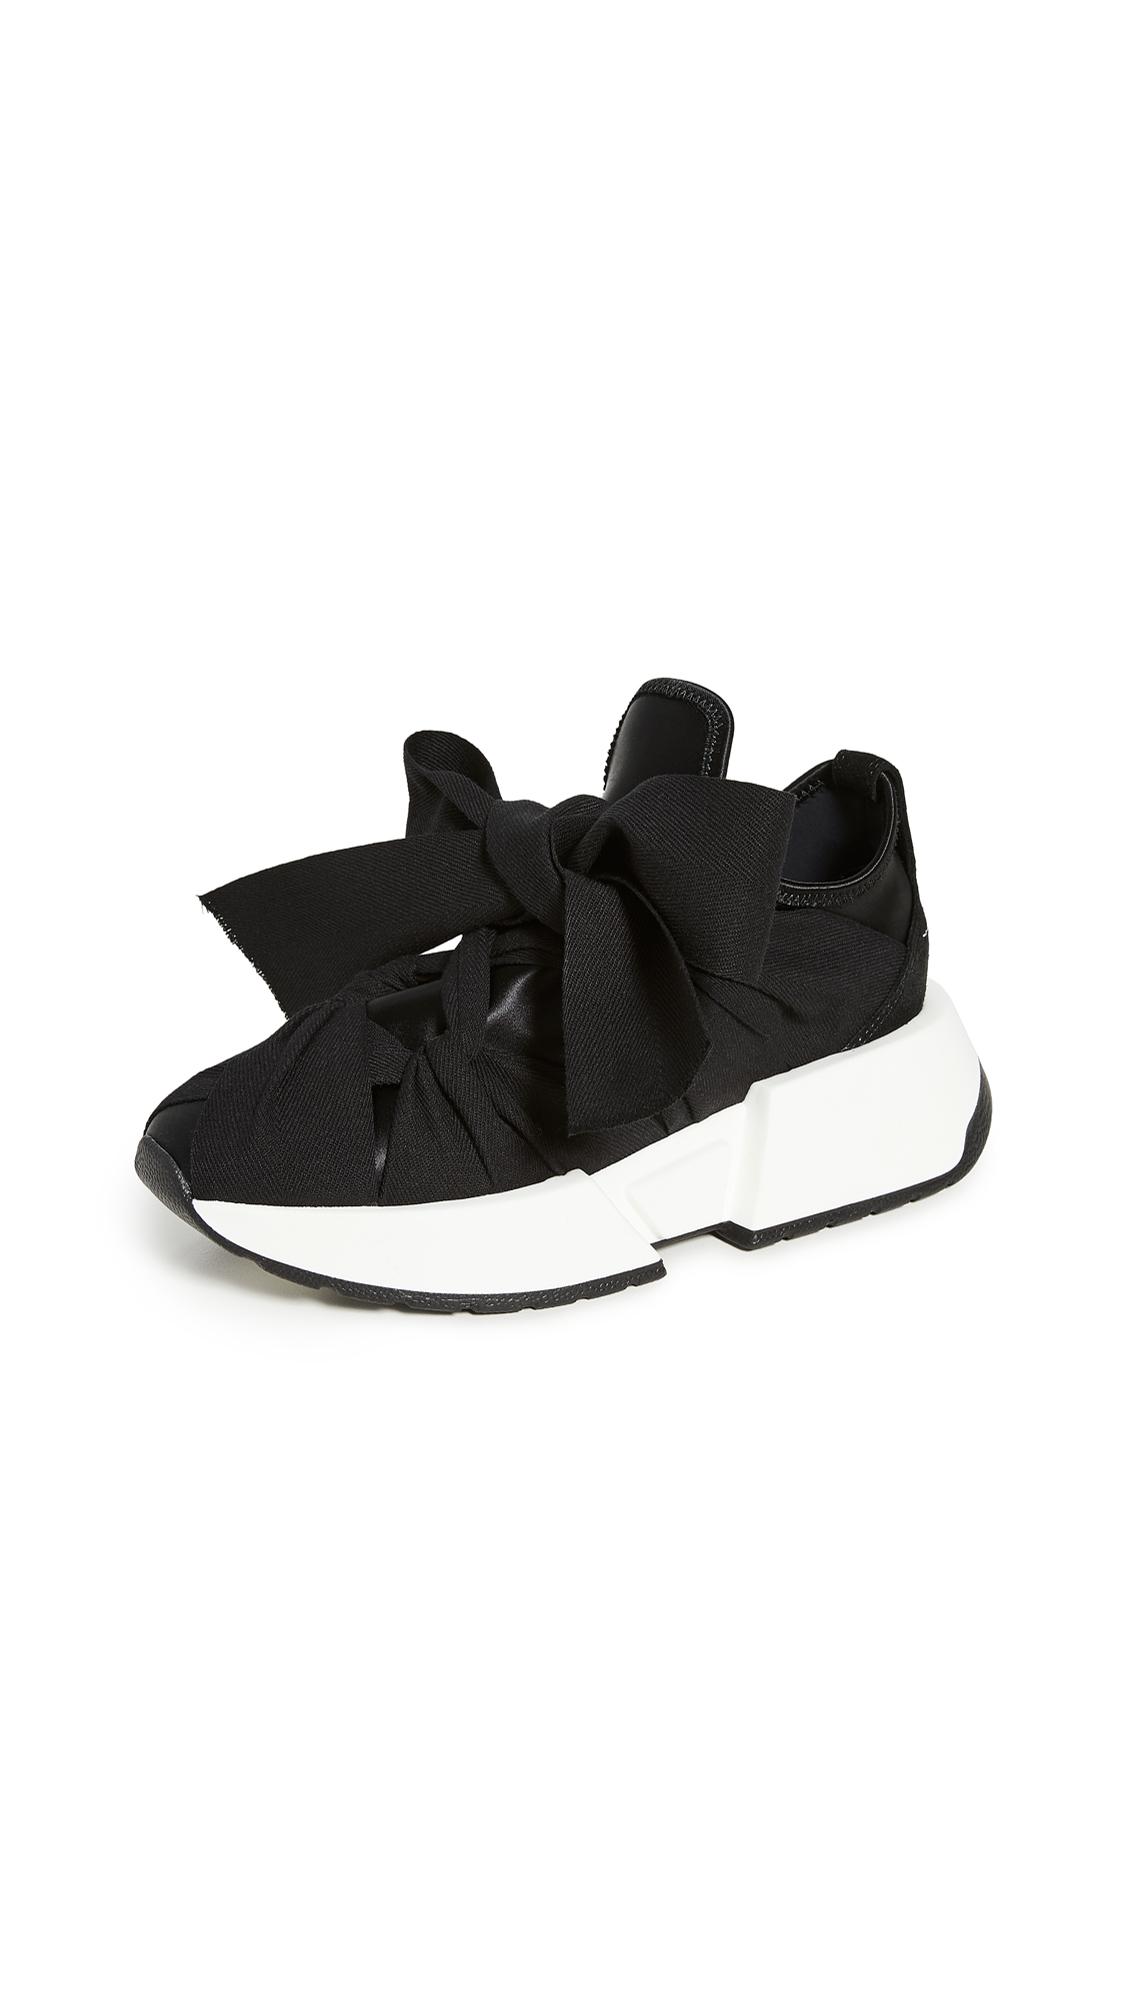 MM6 Maison Margiela Ribbon Tied Sneakers